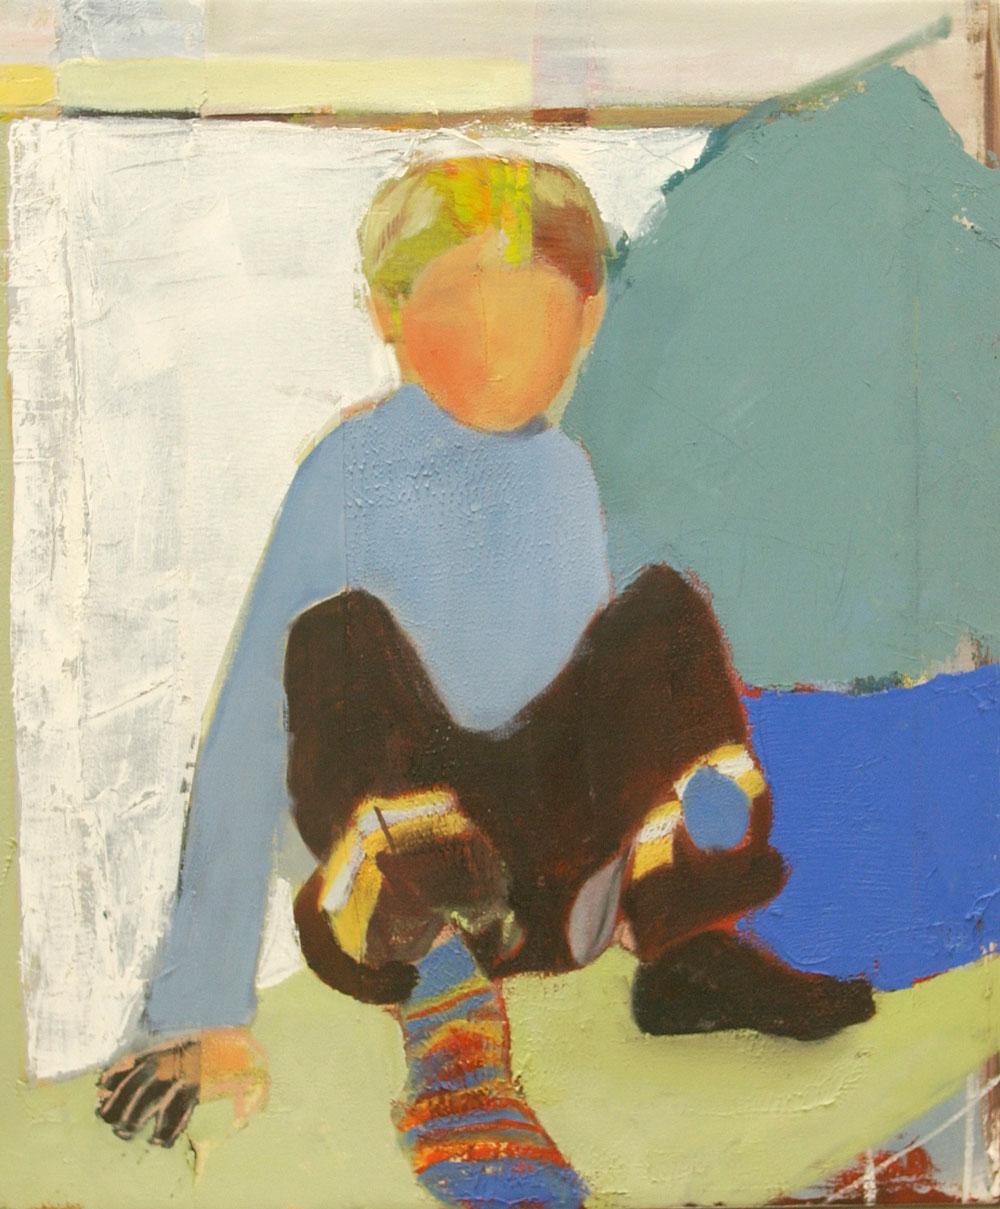 Ein Junge mit bunter Hose und geringelter Socke